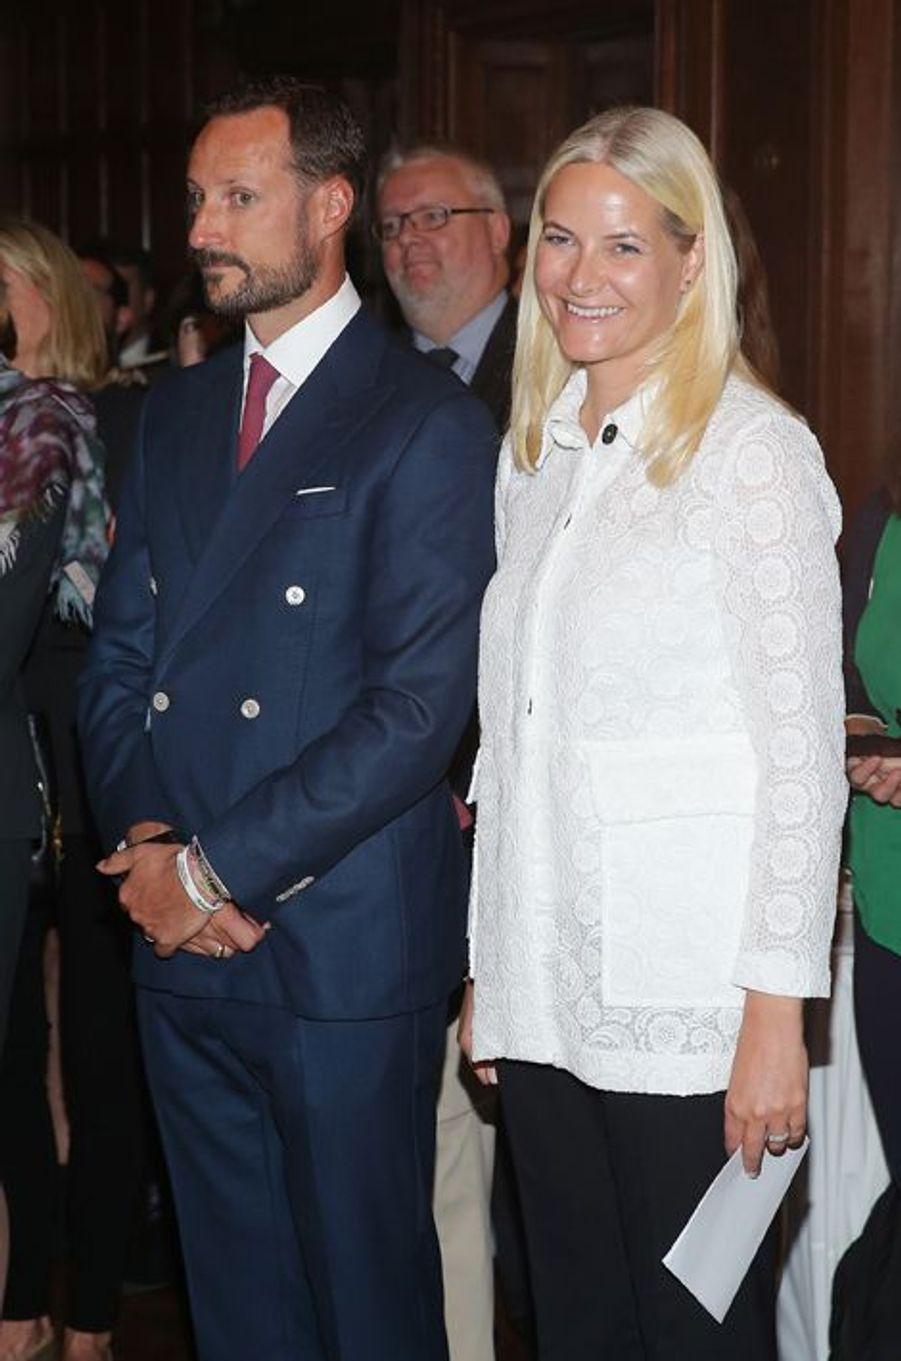 La princesse Mette-Marit et le prince Haakon de Norvège au musée de design Cooper Hewitt à New York, le 8 octobre 2015